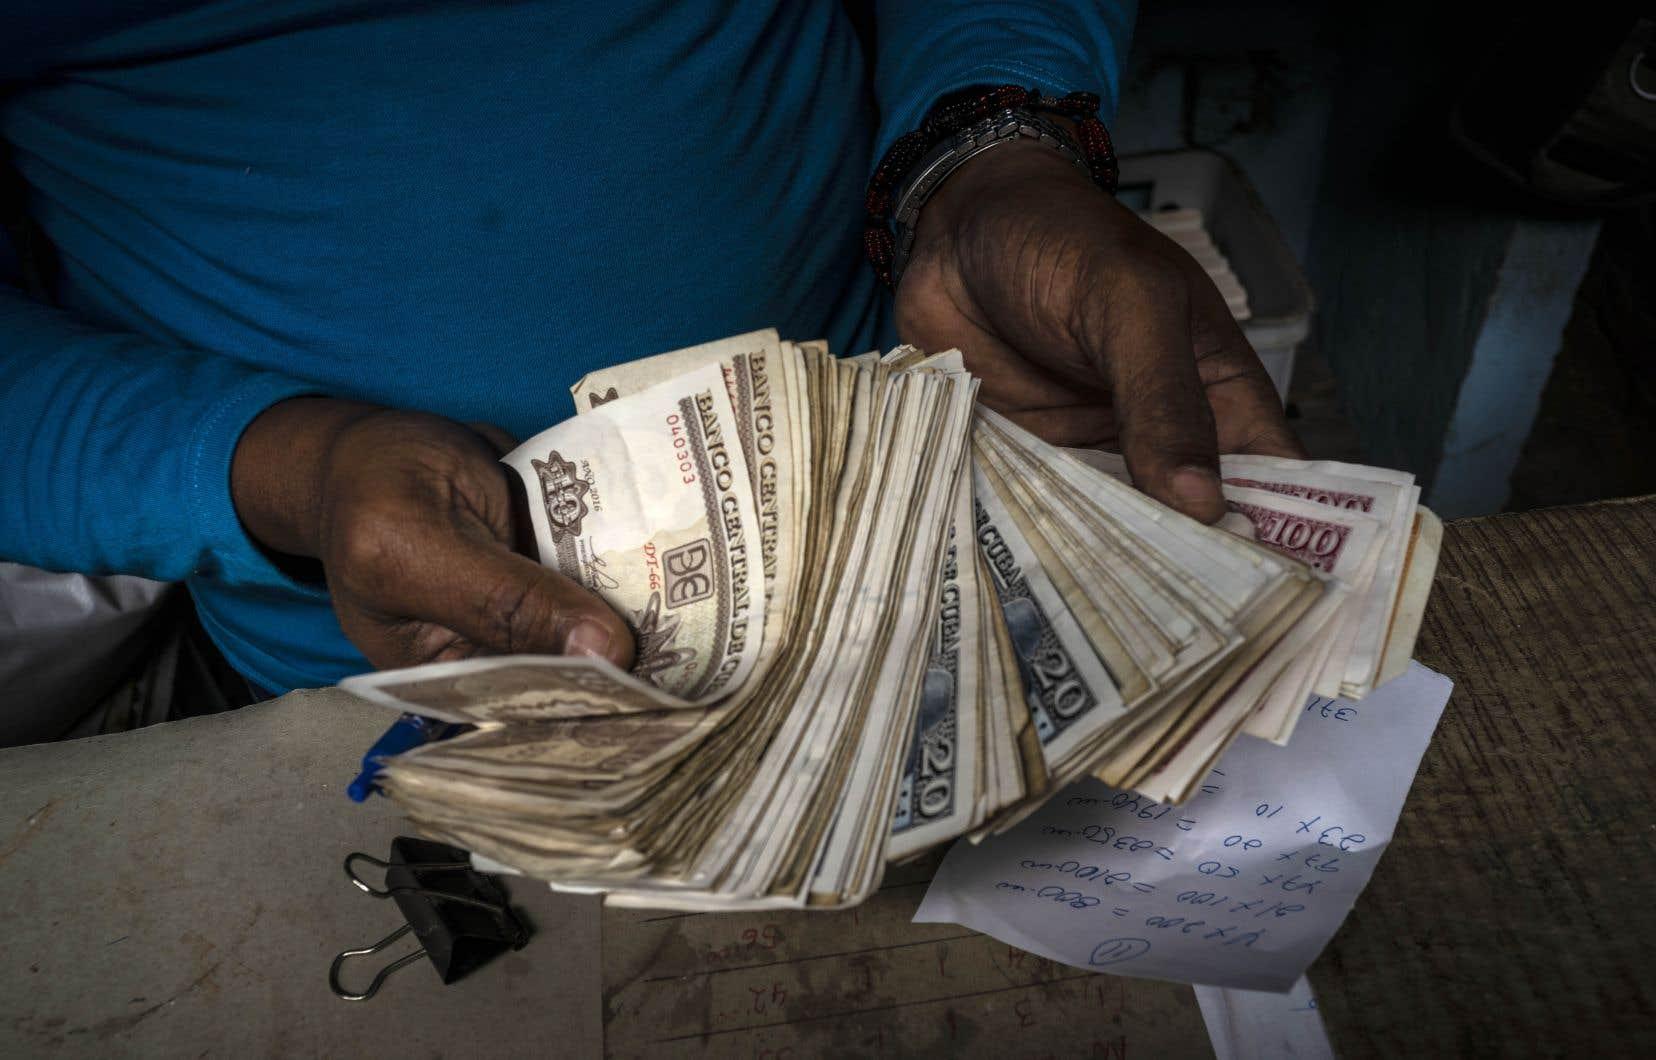 Un travailleur montrant une liasse de billets de la monnaie qui règne désormais à Cuba, le peso cubain (CUP)